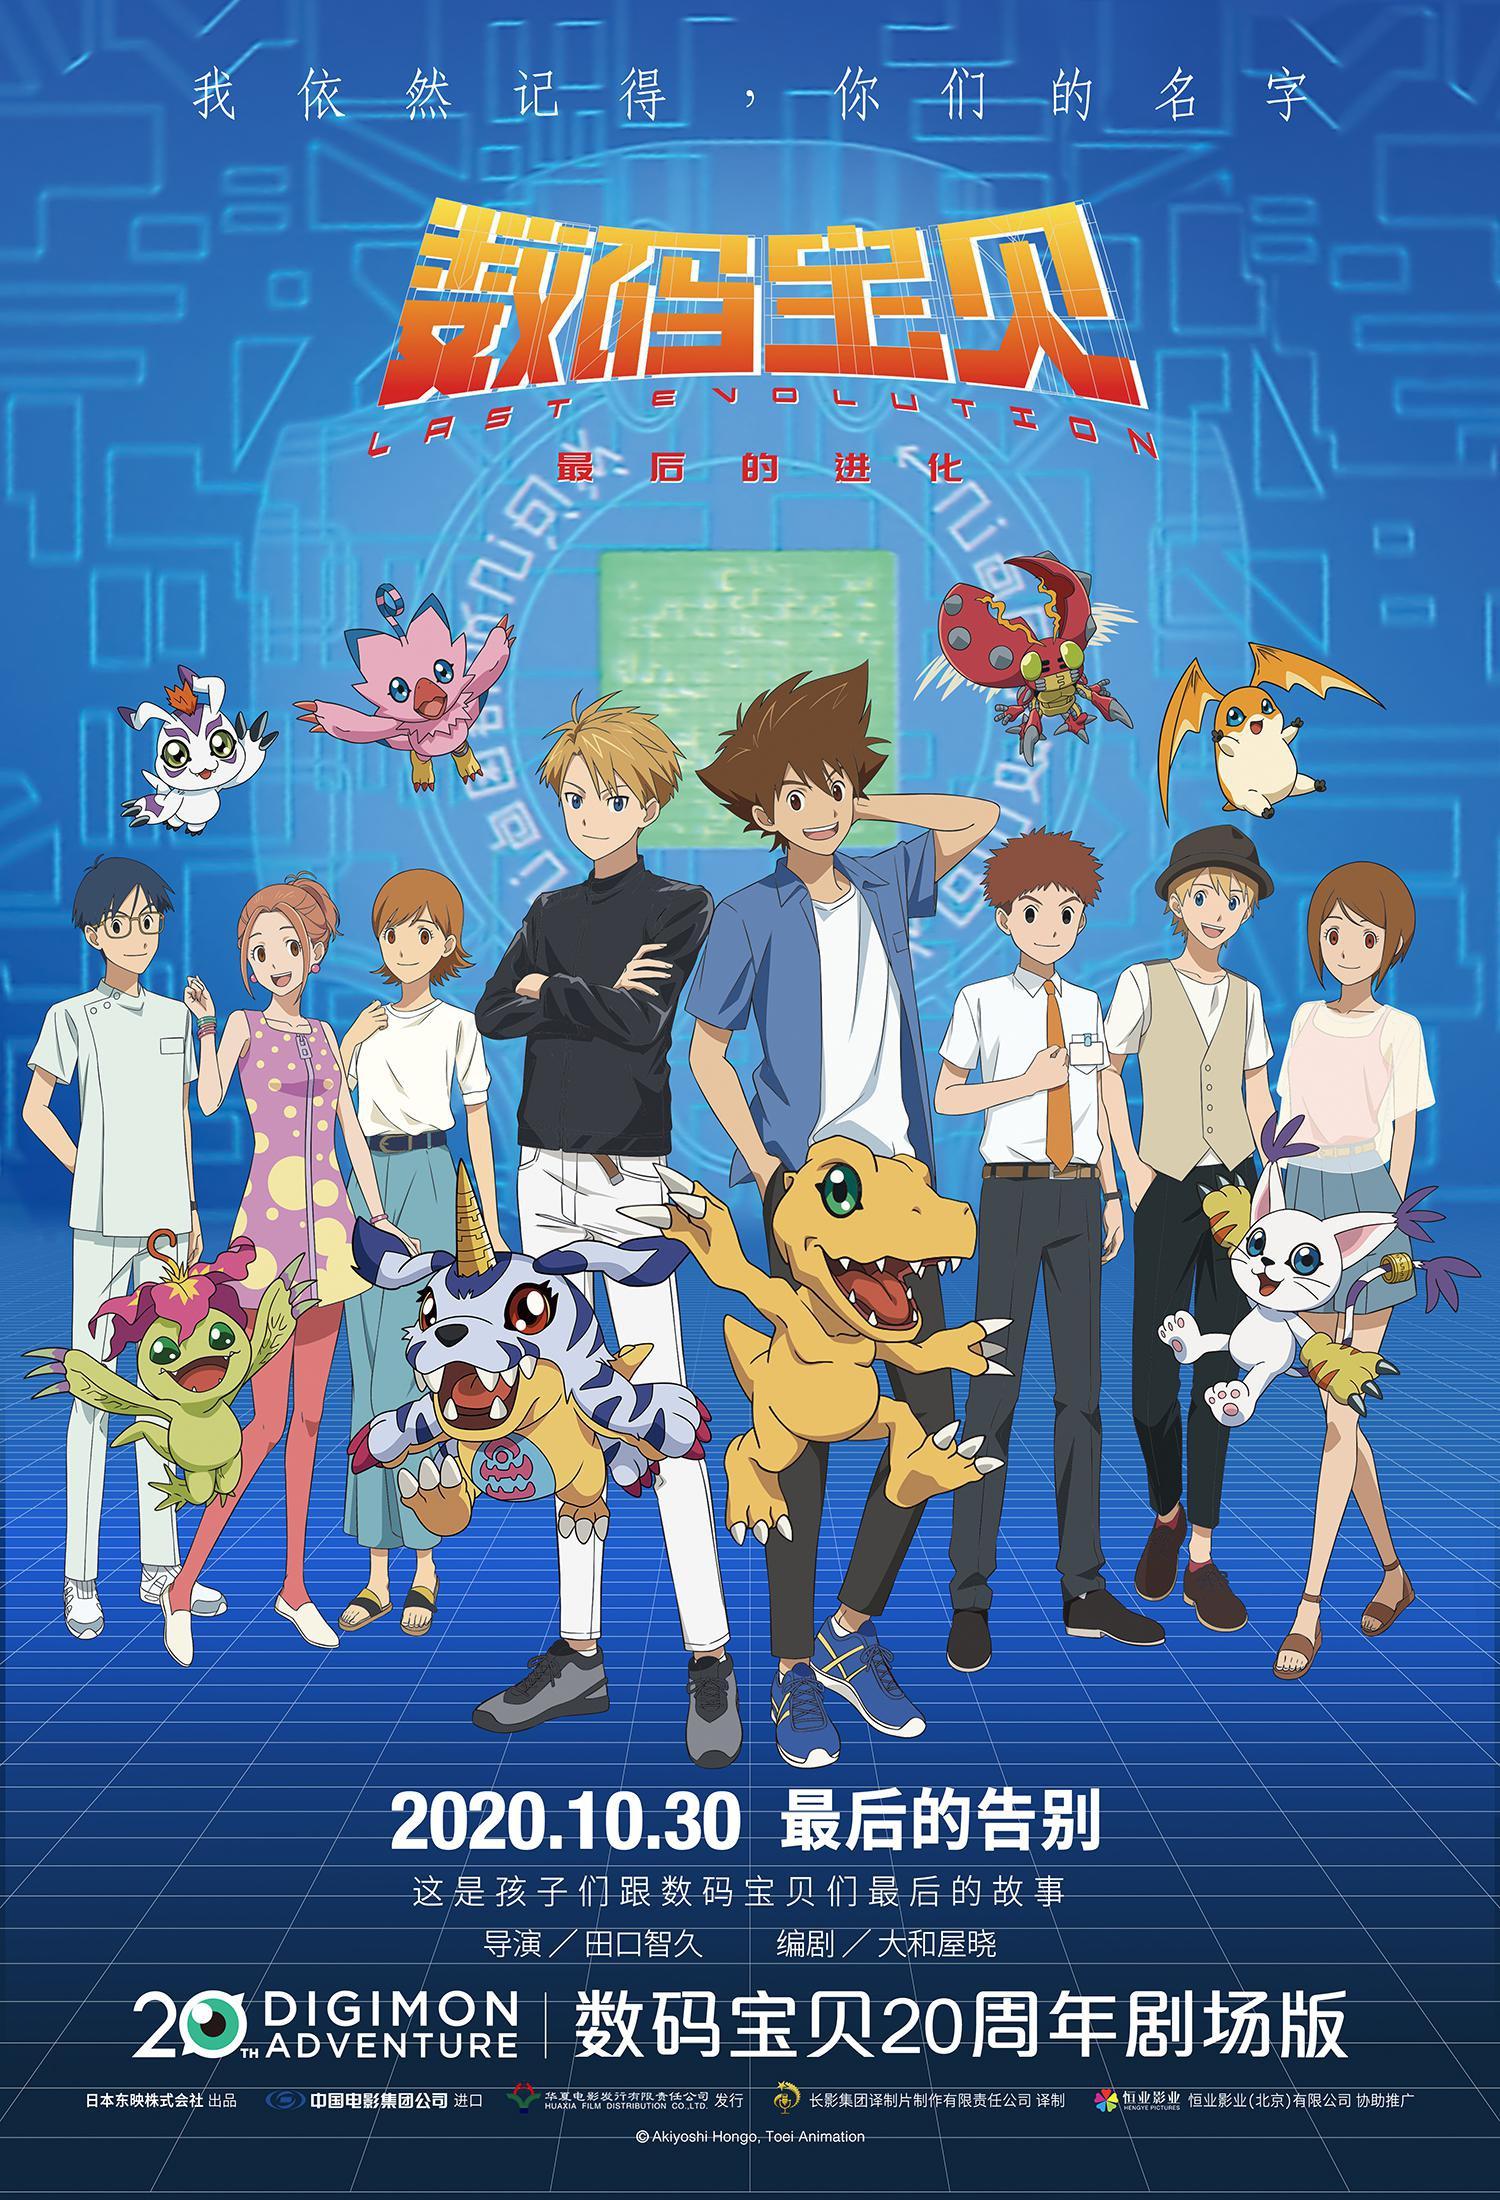 《数码宝贝:最后的进化》定档10月30日  发布中国专属定档海报